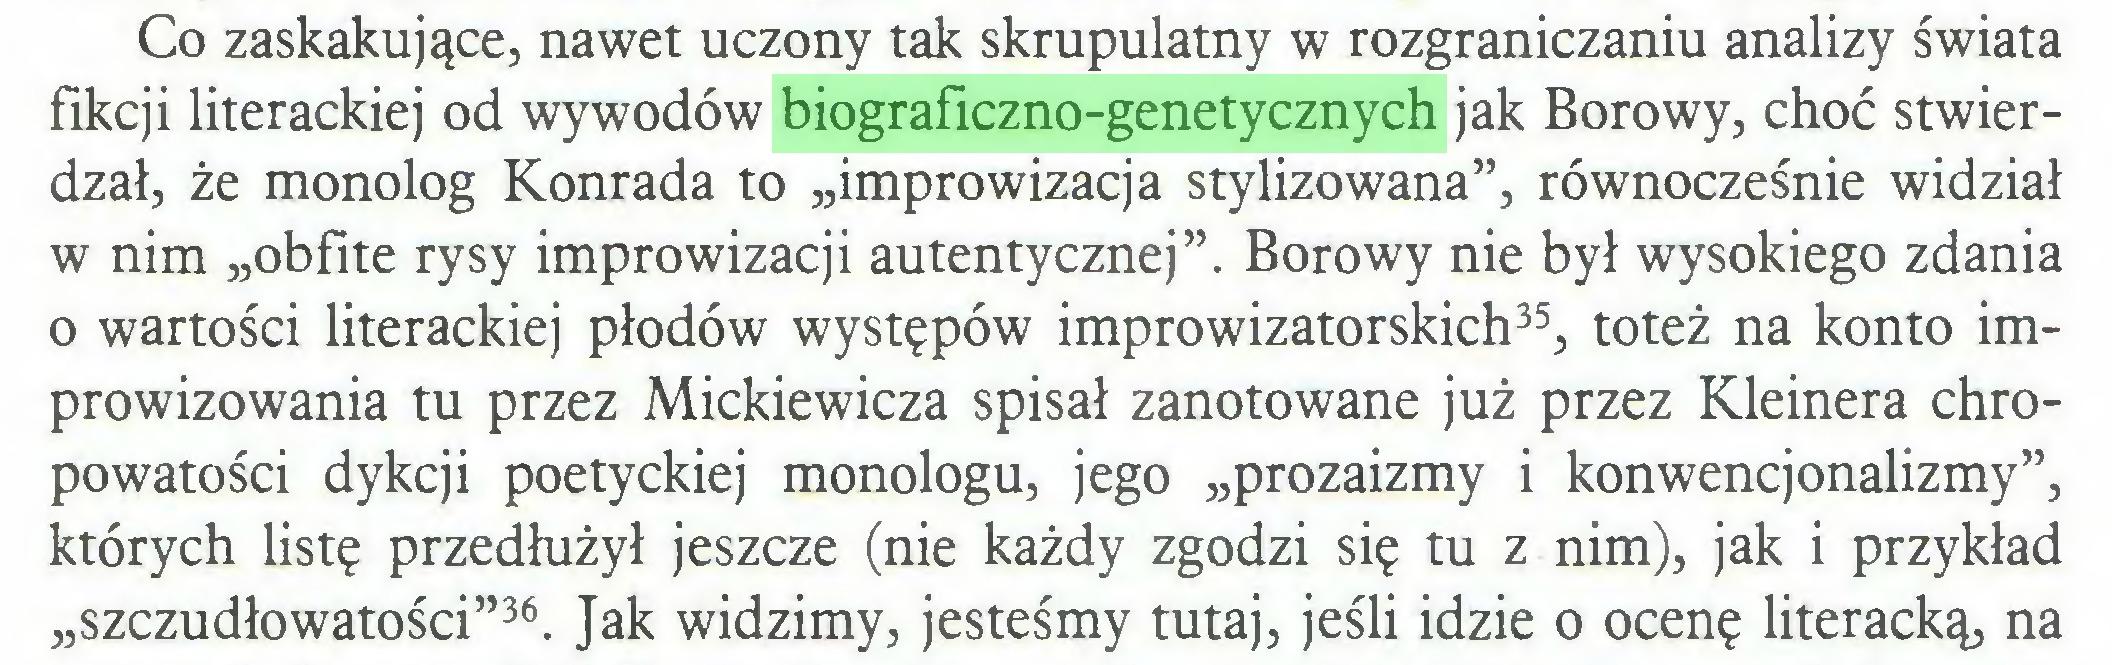 """(...) Co zaskakujące, nawet uczony tak skrupulatny w rozgraniczaniu analizy świata fikcji literackiej od wywodów biograficzno-genetycznych jak Borowy, choć stwierdzał, że monolog Konrada to """"improwizacja stylizowana"""", równocześnie widział w nim """"obfite rysy improwizacji autentycznej"""". Borowy nie był wysokiego zdania o wartości literackiej płodów występów improwizatorskich35, toteż na konto improwizowania tu przez Mickiewicza spisał zanotowane już przez Kleinera chropowatości dykcji poetyckiej monologu, jego """"prozaizmy i konwencjonalizmy"""", których listę przedłużył jeszcze (nie każdy zgodzi się tu z nim), jak i przykład """"szczudłowatości""""36. Jak widzimy, jesteśmy tutaj, jeśli idzie o ocenę literacką, na..."""